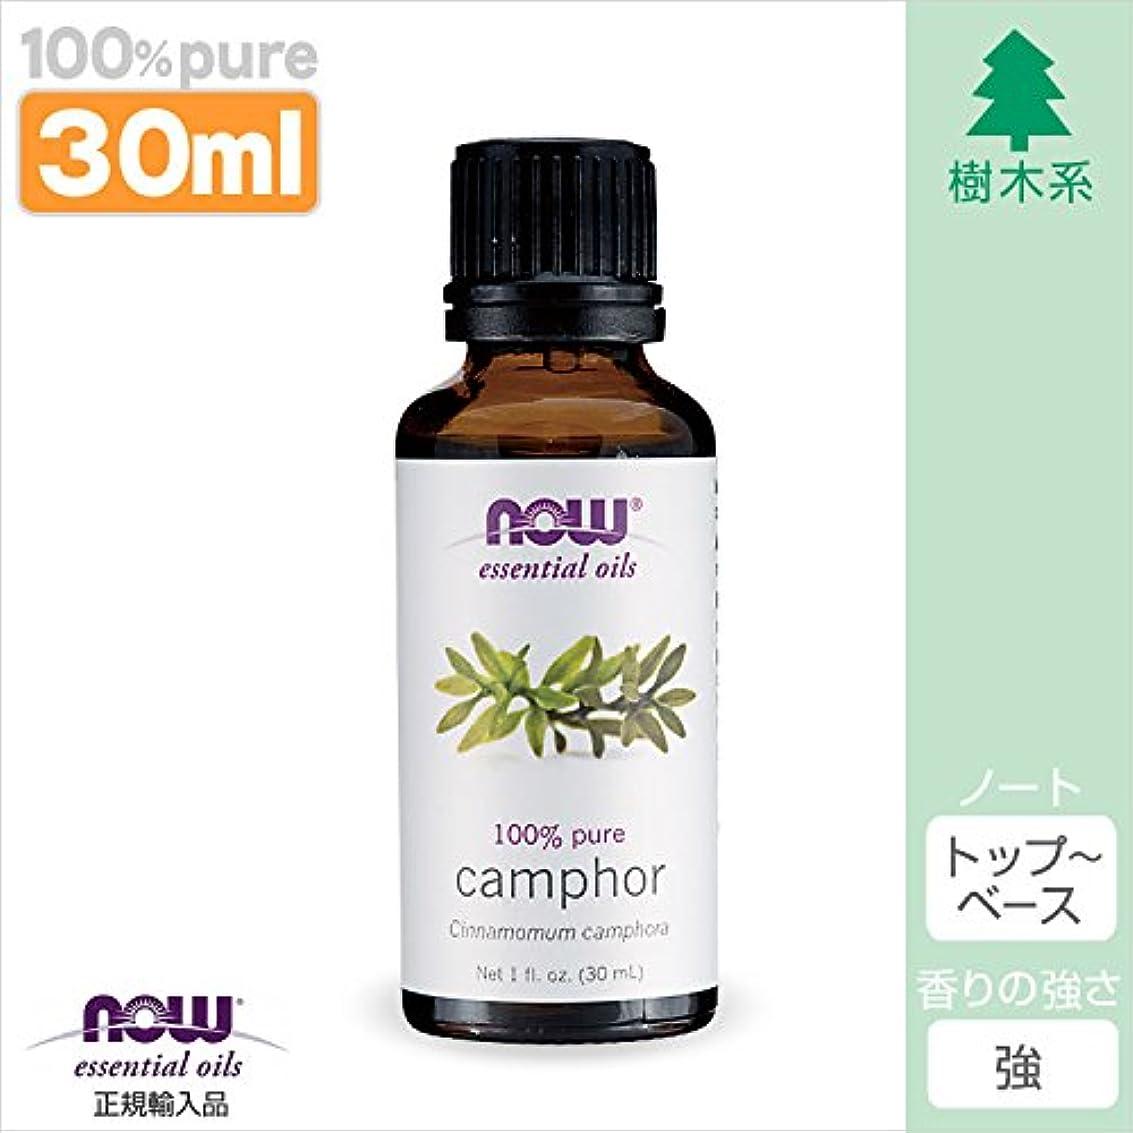 カンファー ホワイト 精油[30ml] 【正規輸入品】 NOWエッセンシャルオイル(アロマオイル)